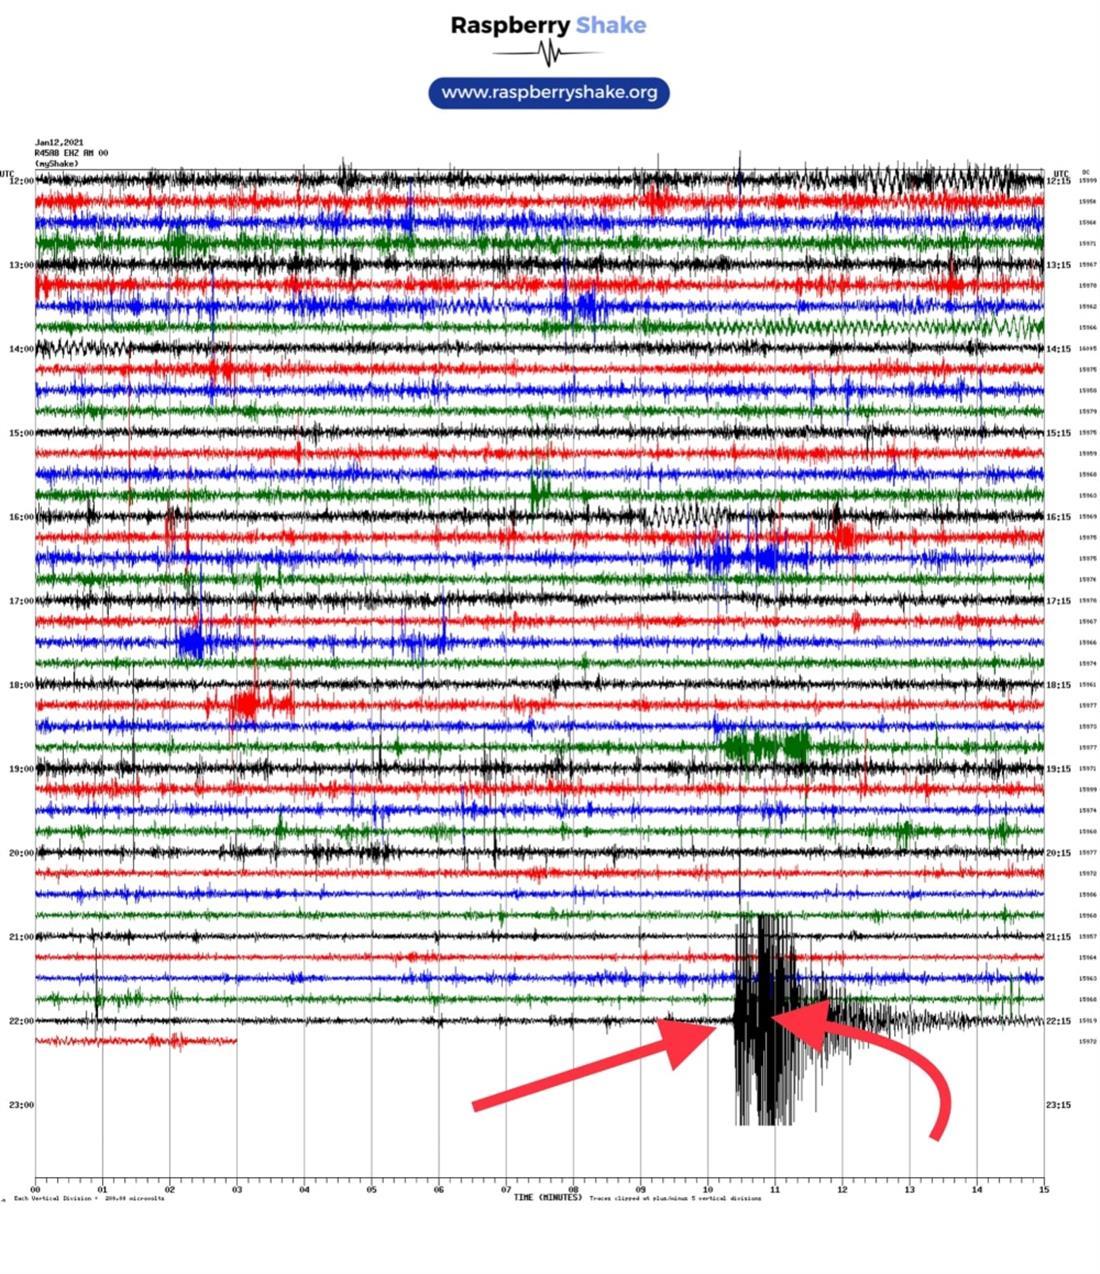 Σεισμός - Στερεά Ελλάδα - Αίγιο